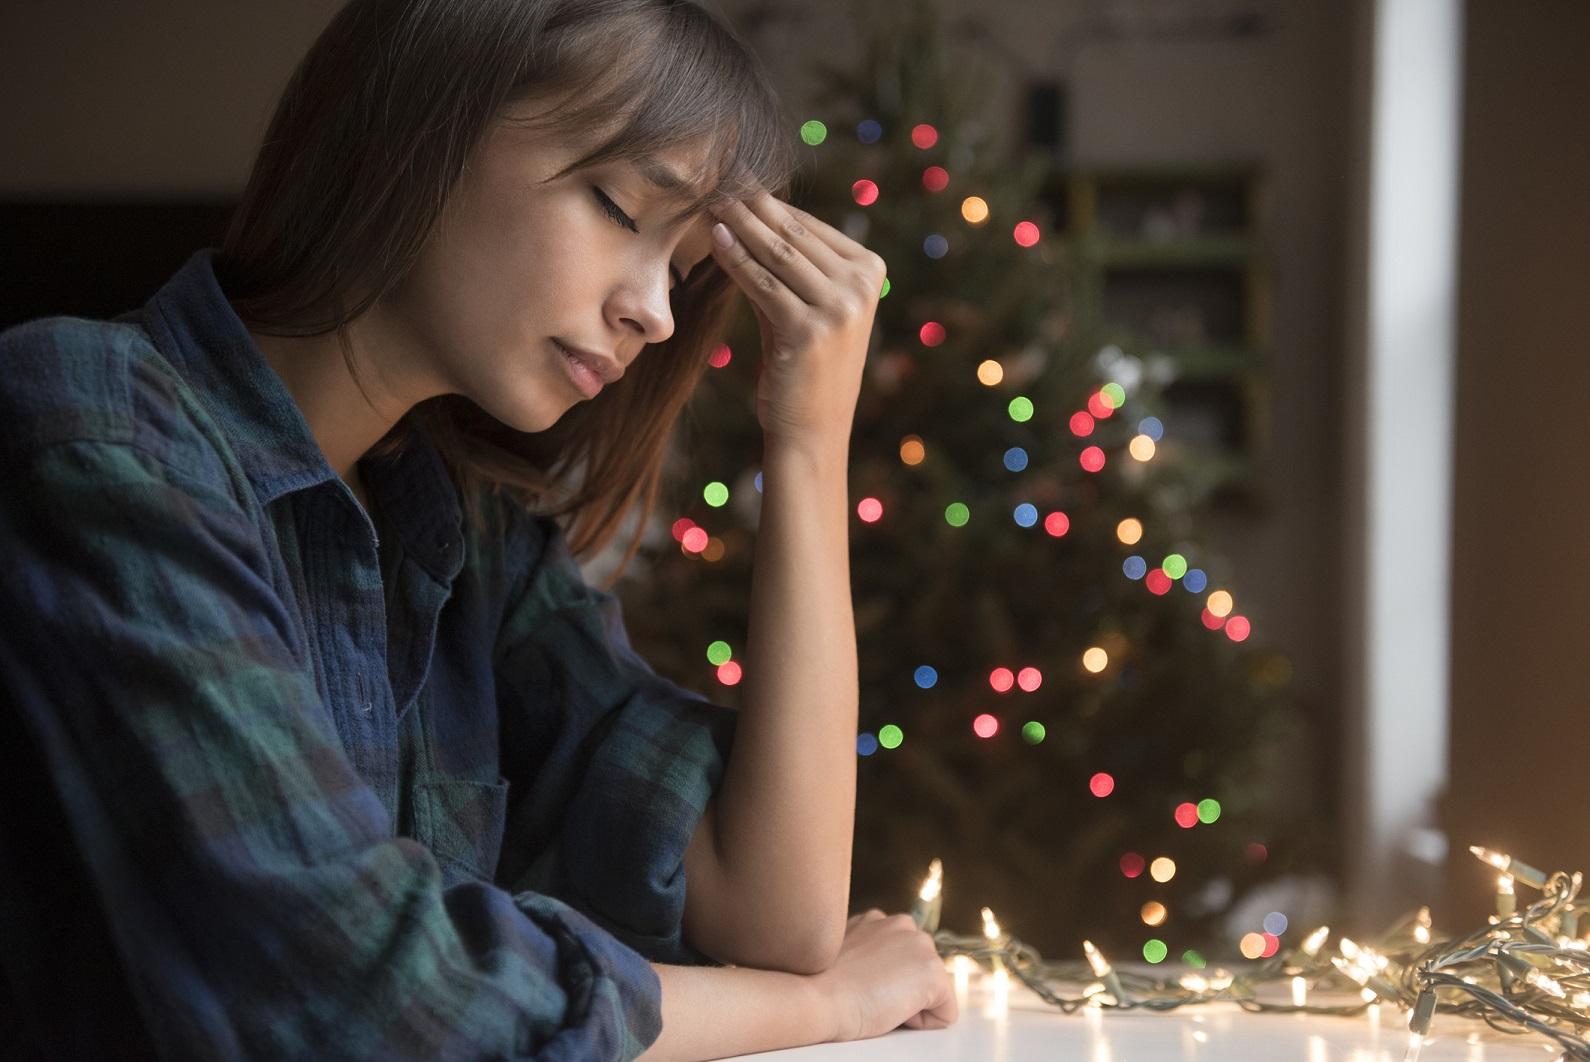 persona con problemas de ansiedad por navidad